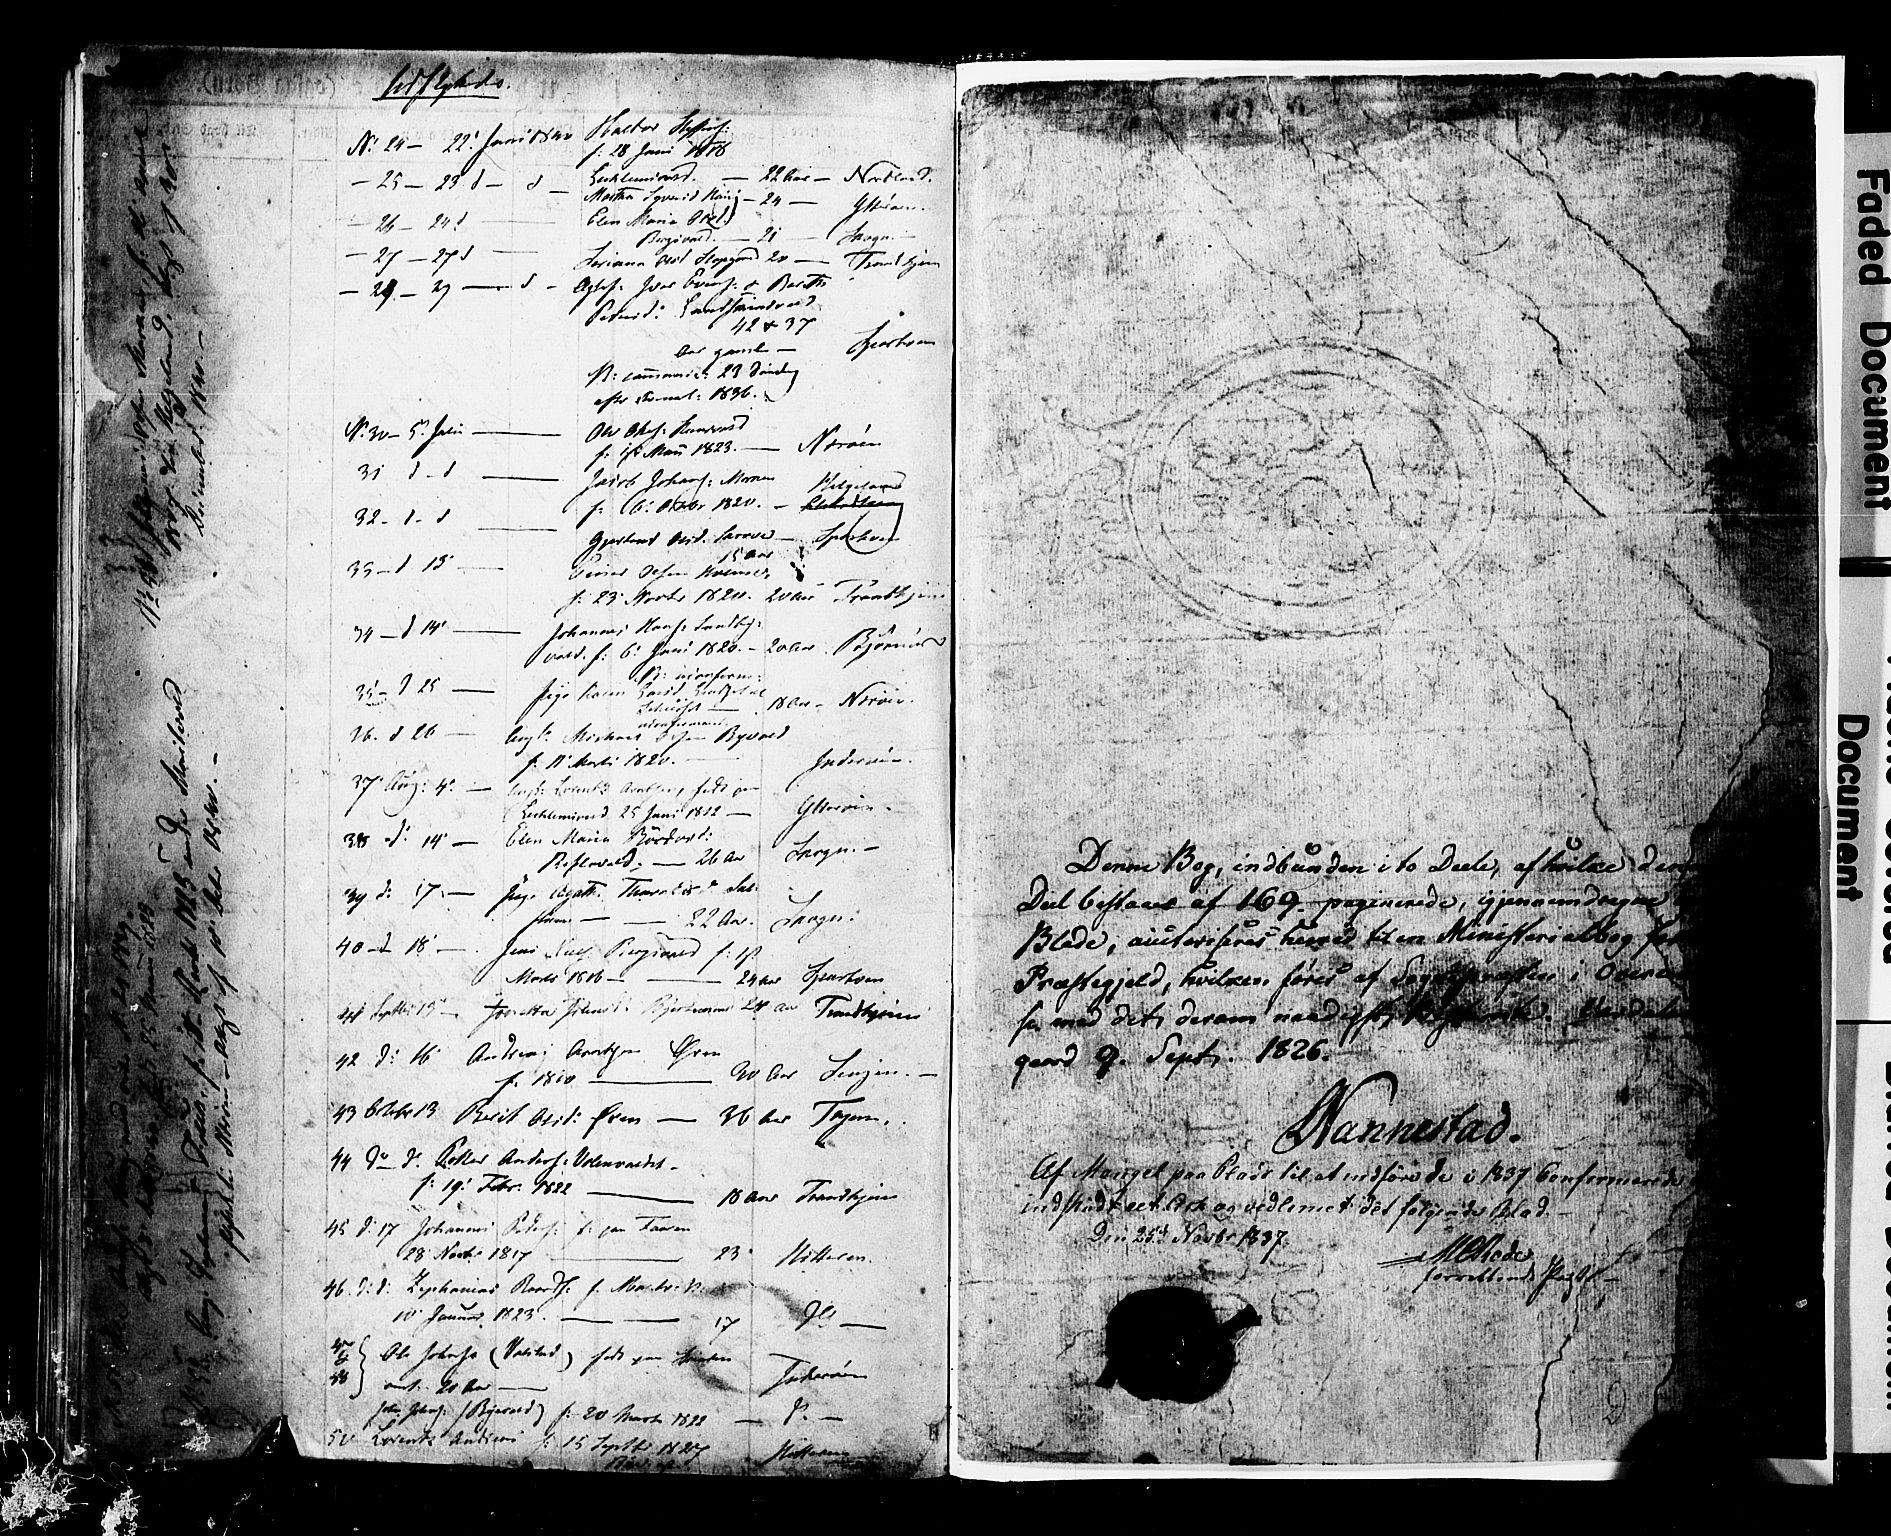 SAT, Ministerialprotokoller, klokkerbøker og fødselsregistre - Nord-Trøndelag, 723/L0243: Ministerialbok nr. 723A12, 1822-1851